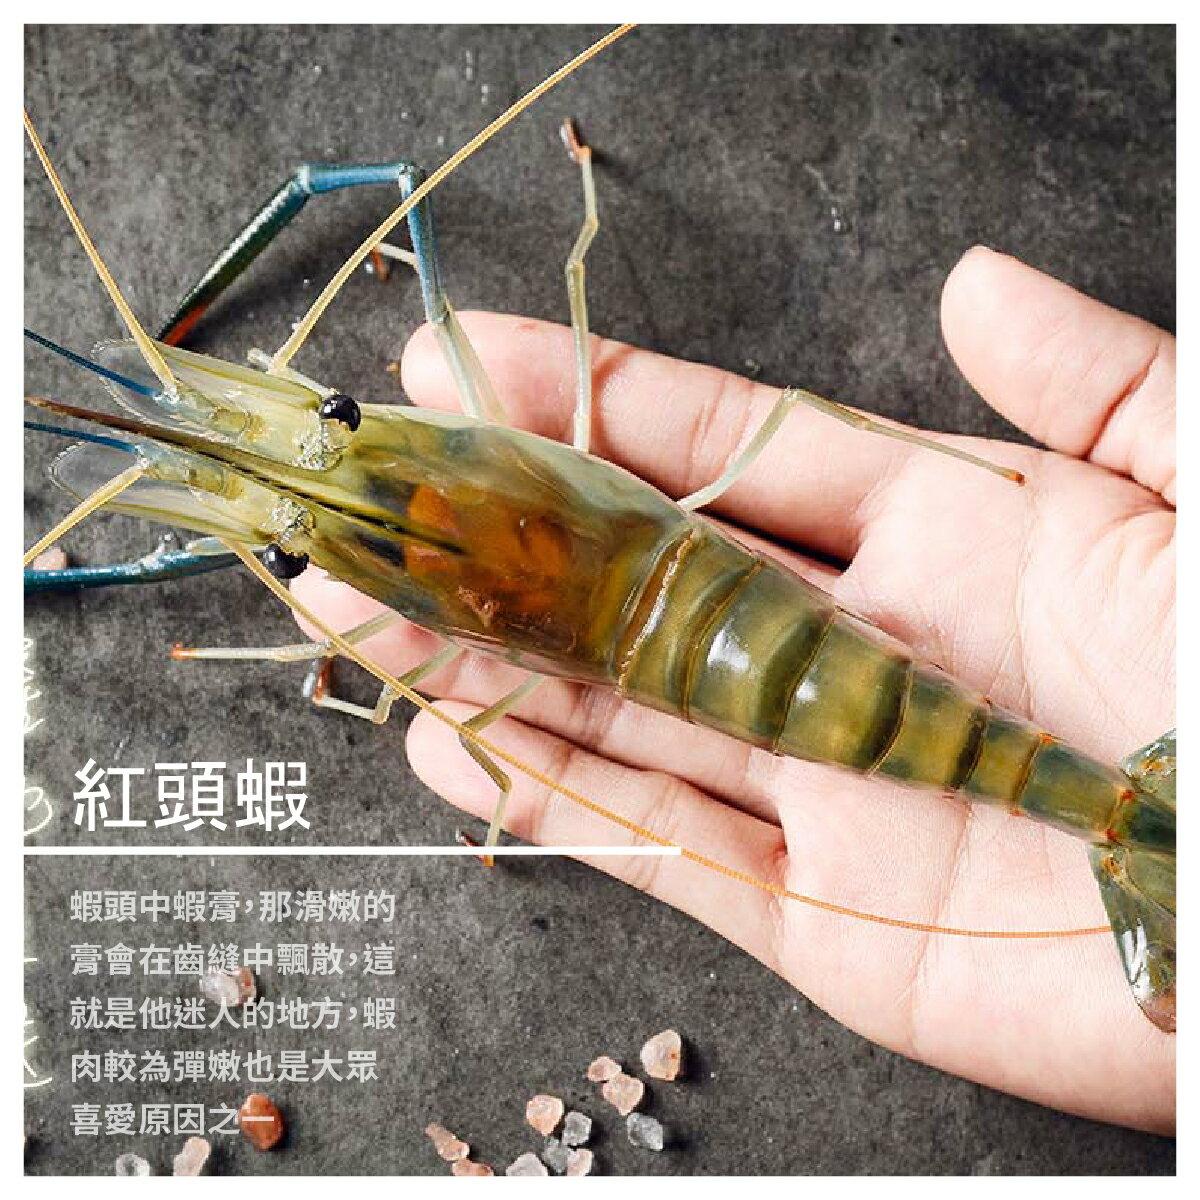 【黑豬泰國蝦宅配】紅頭蝦 600g